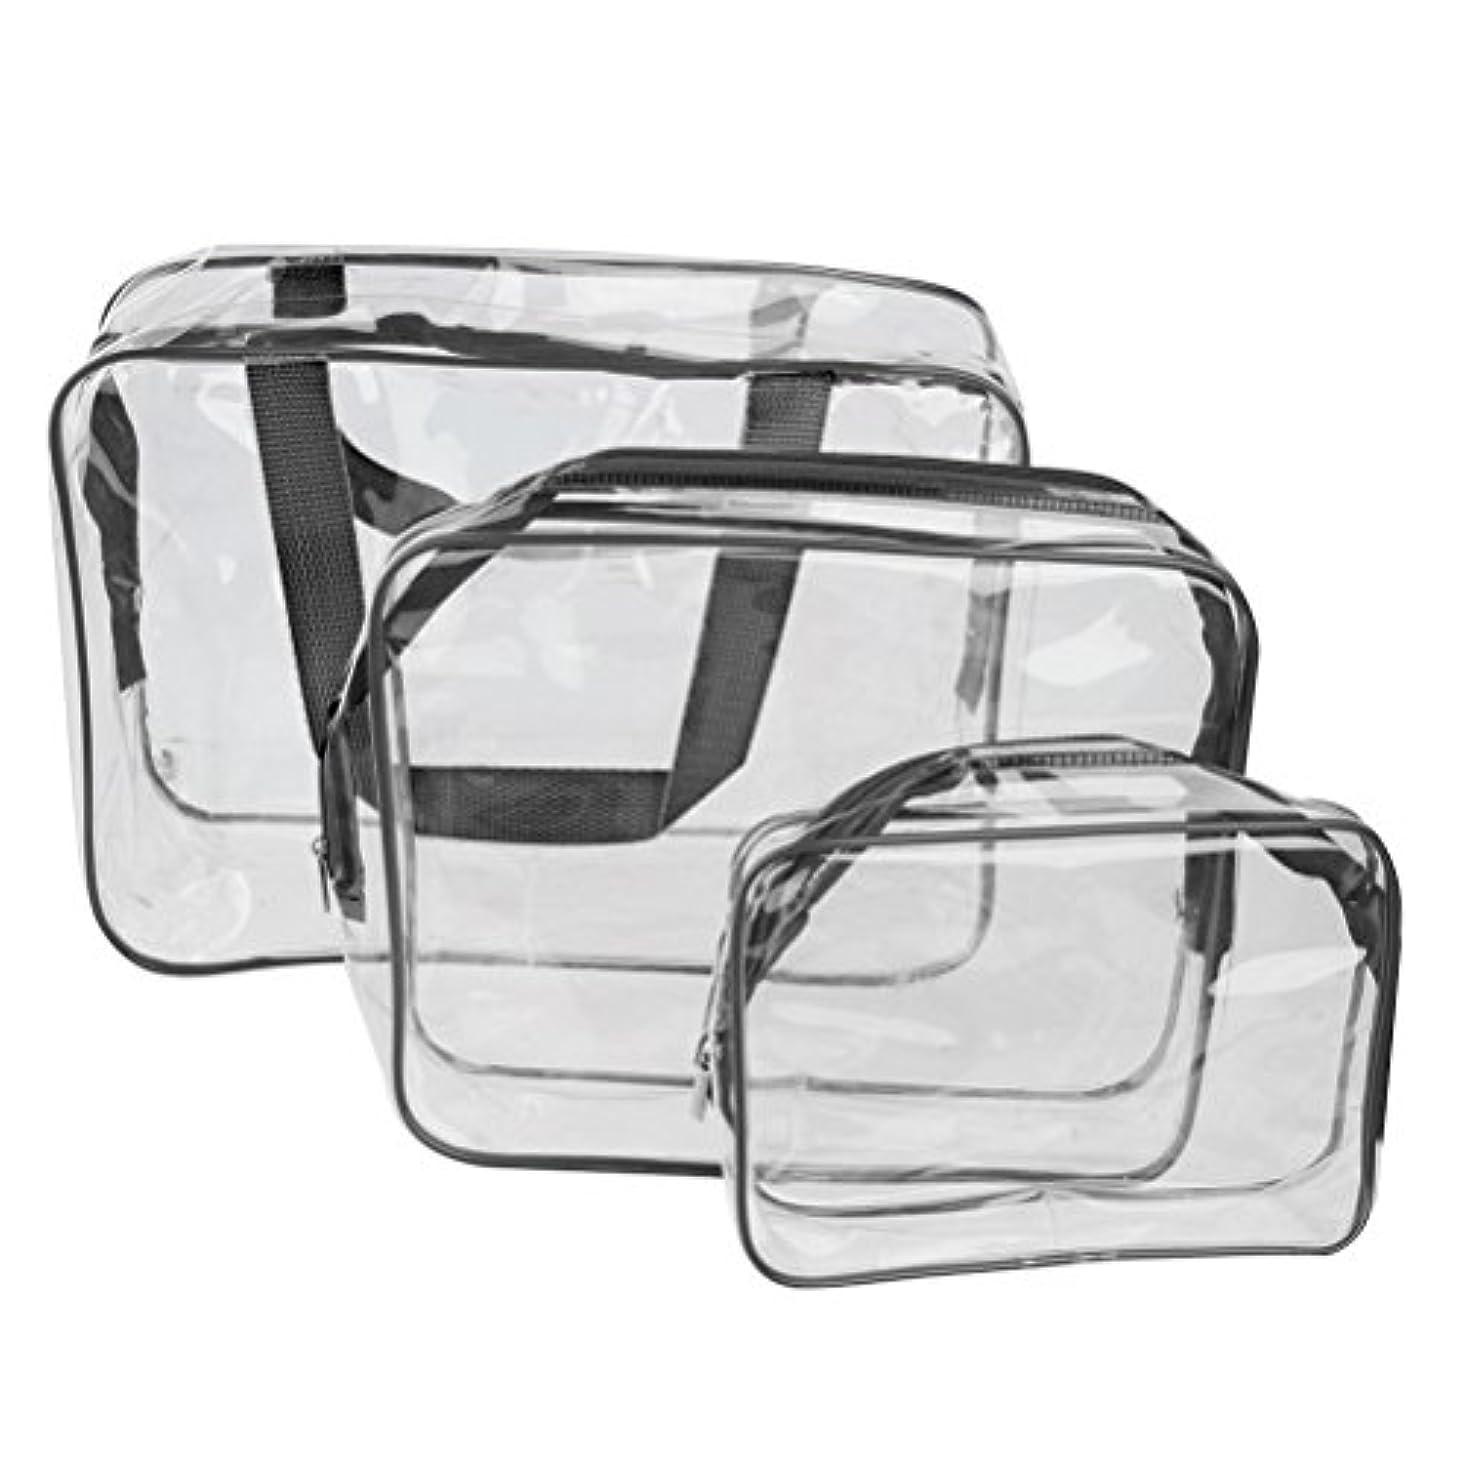 スポーツをする徐々にキャビンROSENICE 旅行出張用 透明化粧品バッグ ブラック